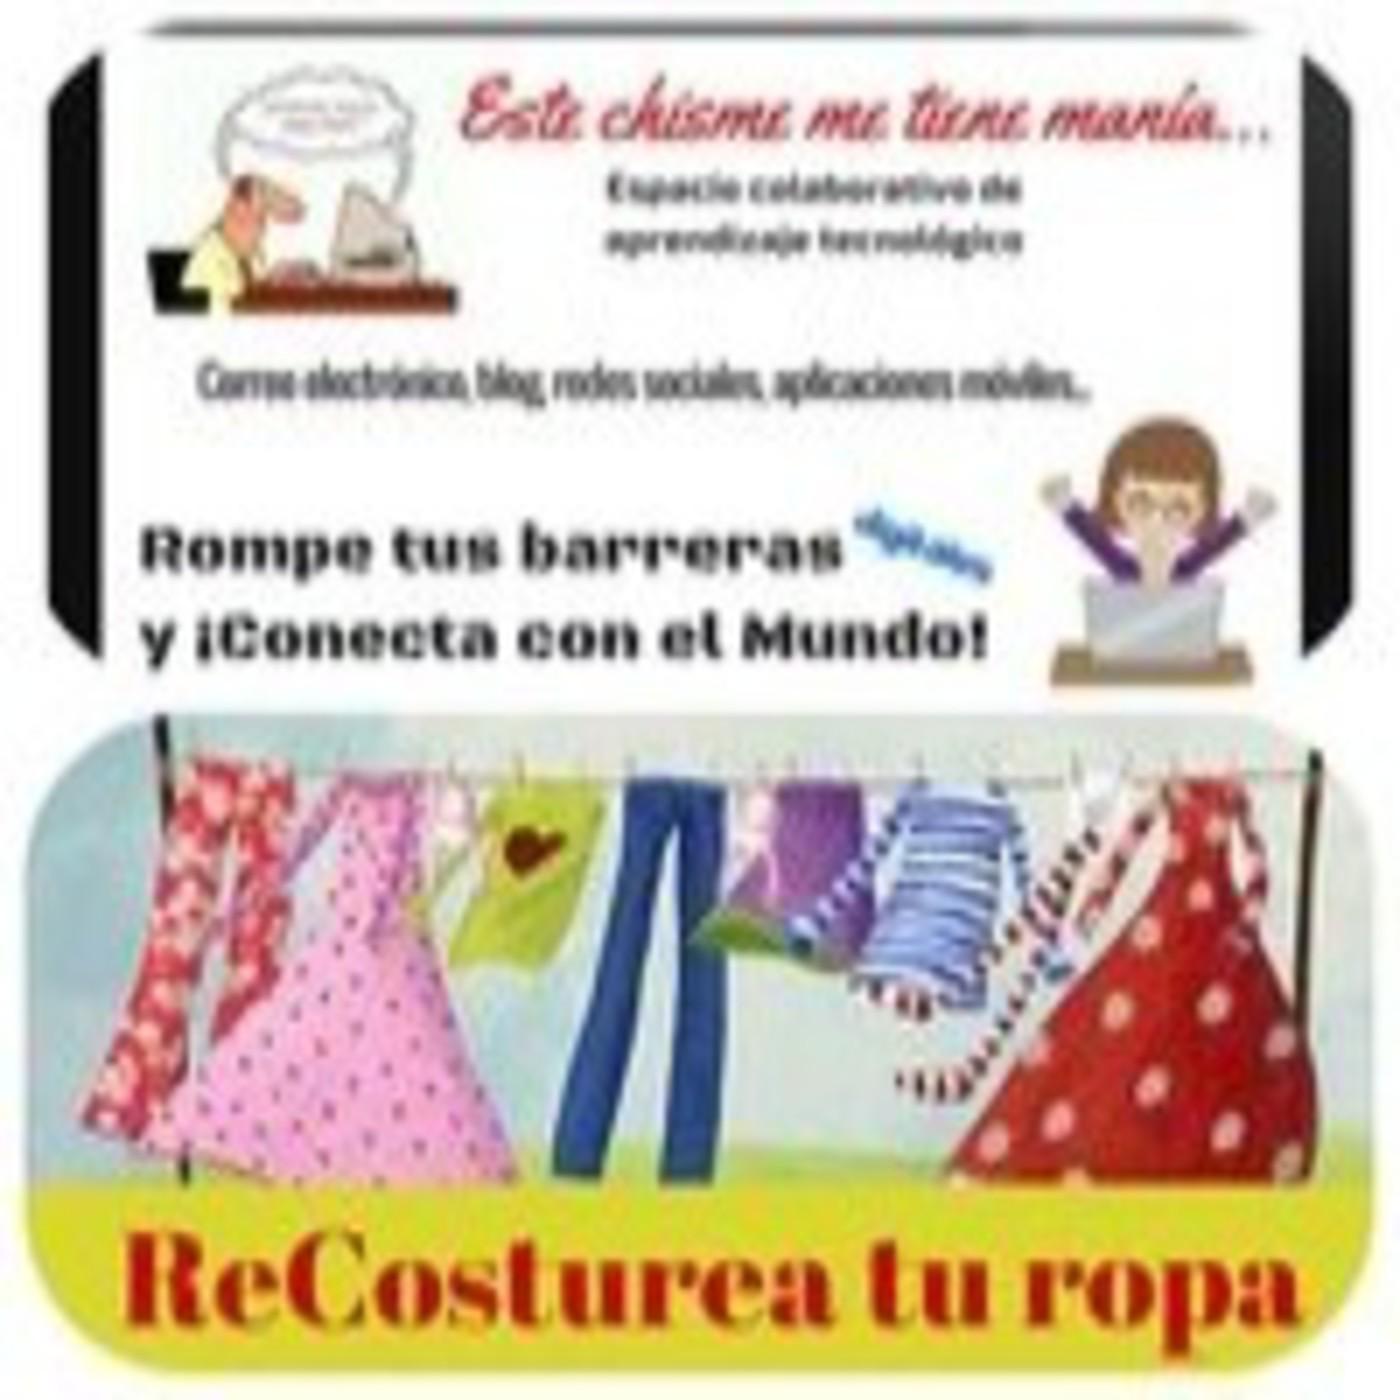 Nuevas Actividades en Agua de Mayo - Entrevista Onda Cero